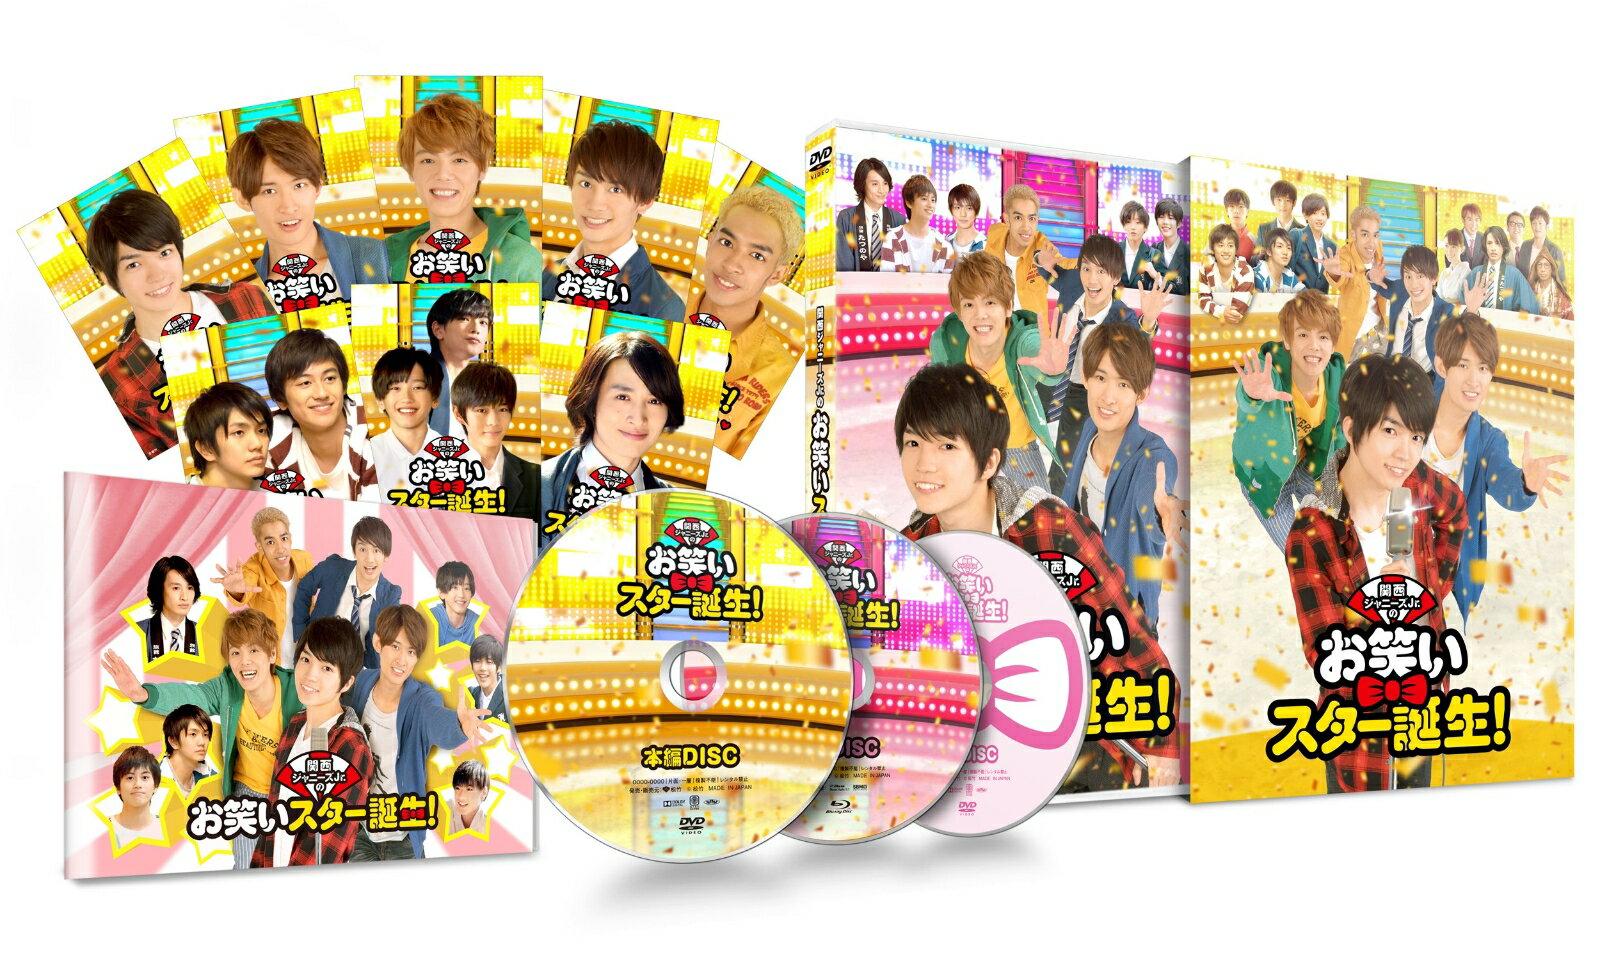 関西ジャニーズJr.のお笑いスター誕生! 豪華版(初回限定生産)【Blu-ray】